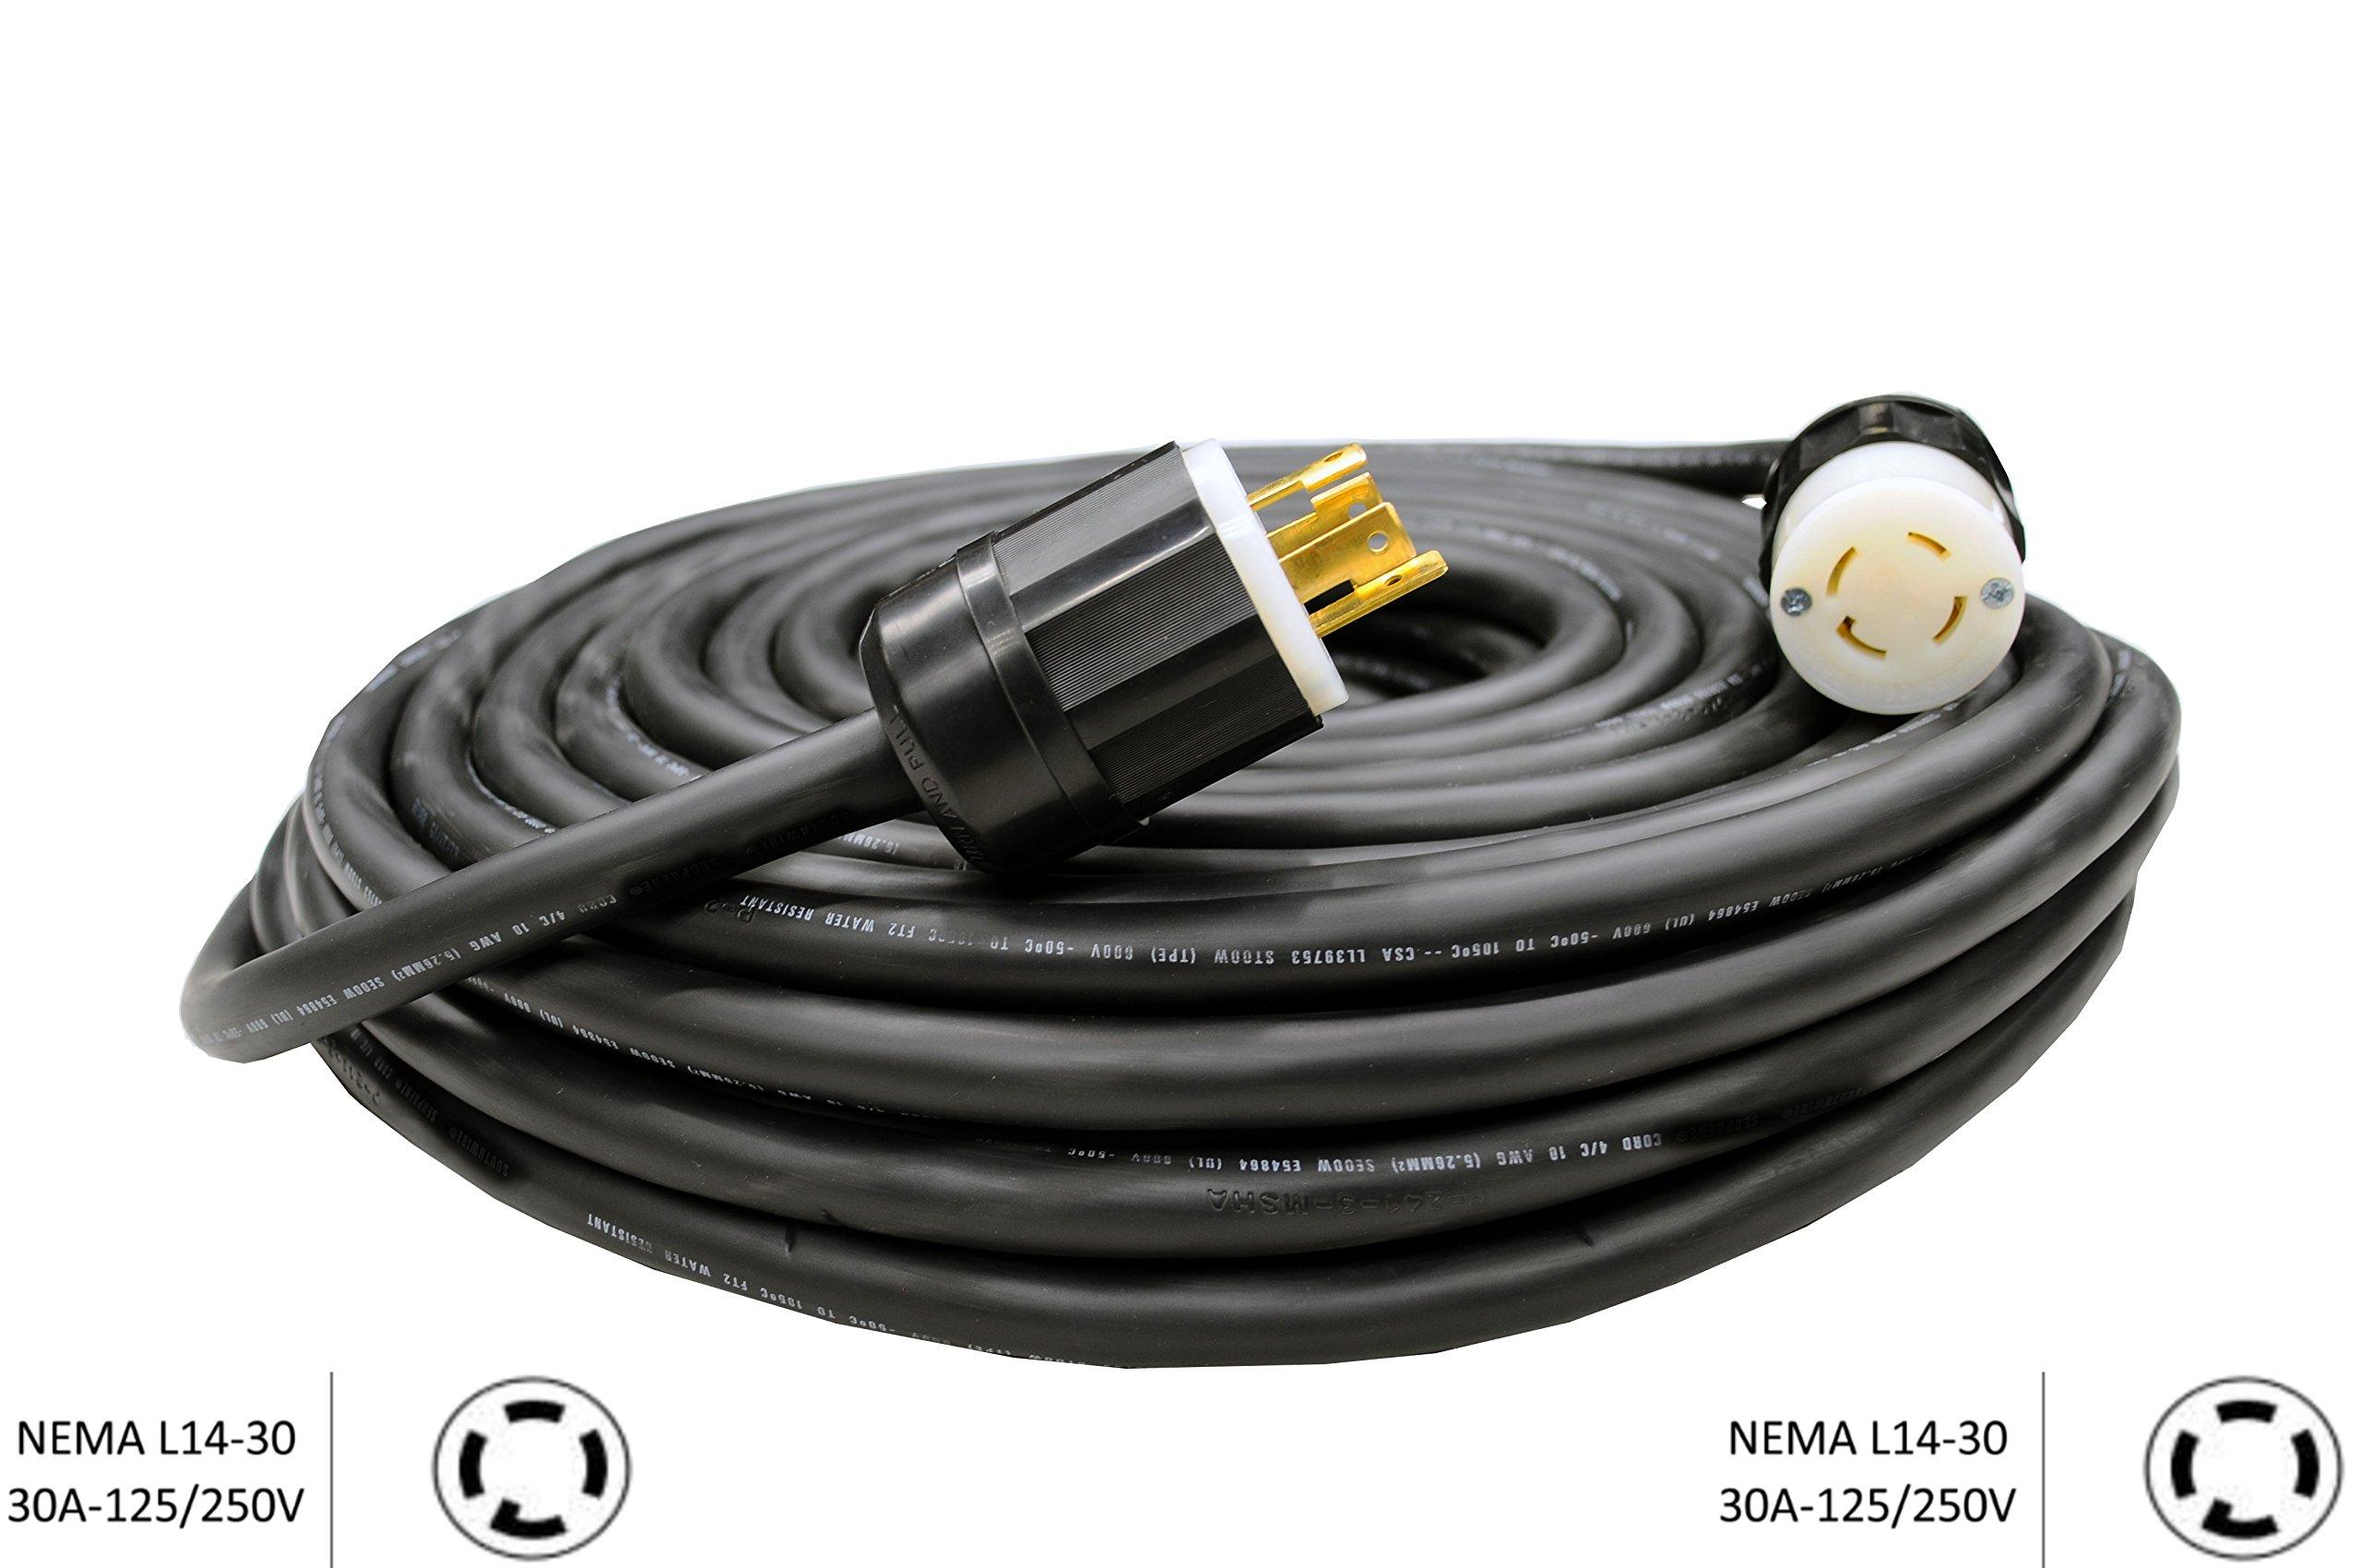 NEMA L14-30 Generator Extension Cord - 30A, 125/250V, 10/4 SOOW (100 Ft.)